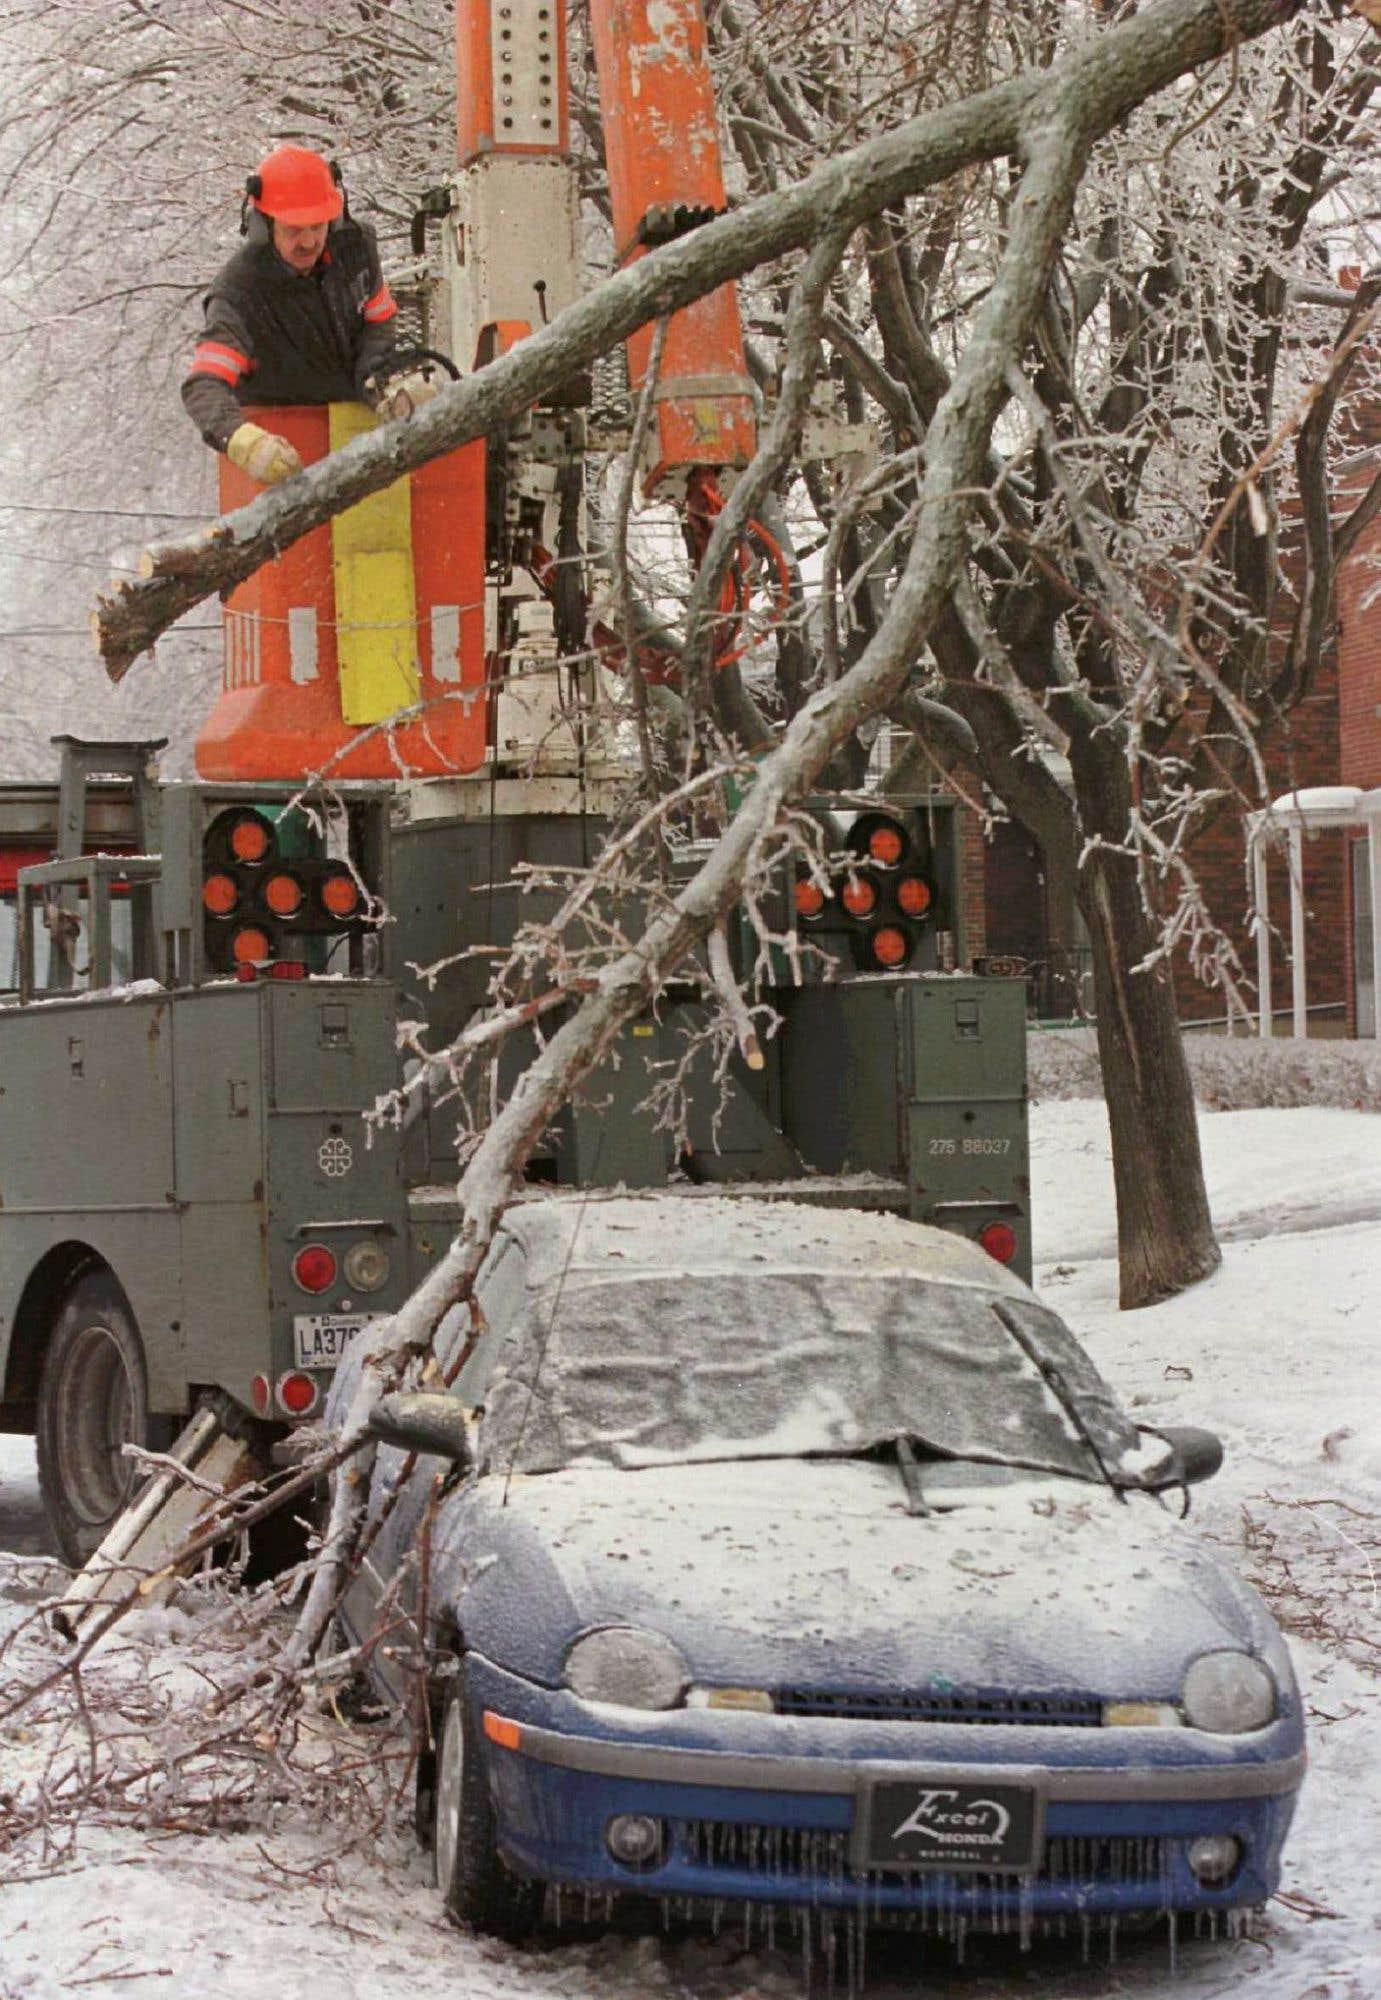 Un employé de la Ville de Montréal coupe les branches d'un arbre qui a endommagé un véhicule. Au total, le coût des dommages dans toutes les régions du Canada touchées par la tempête de verglas a été évalué à 5,4 milliards de dollars.